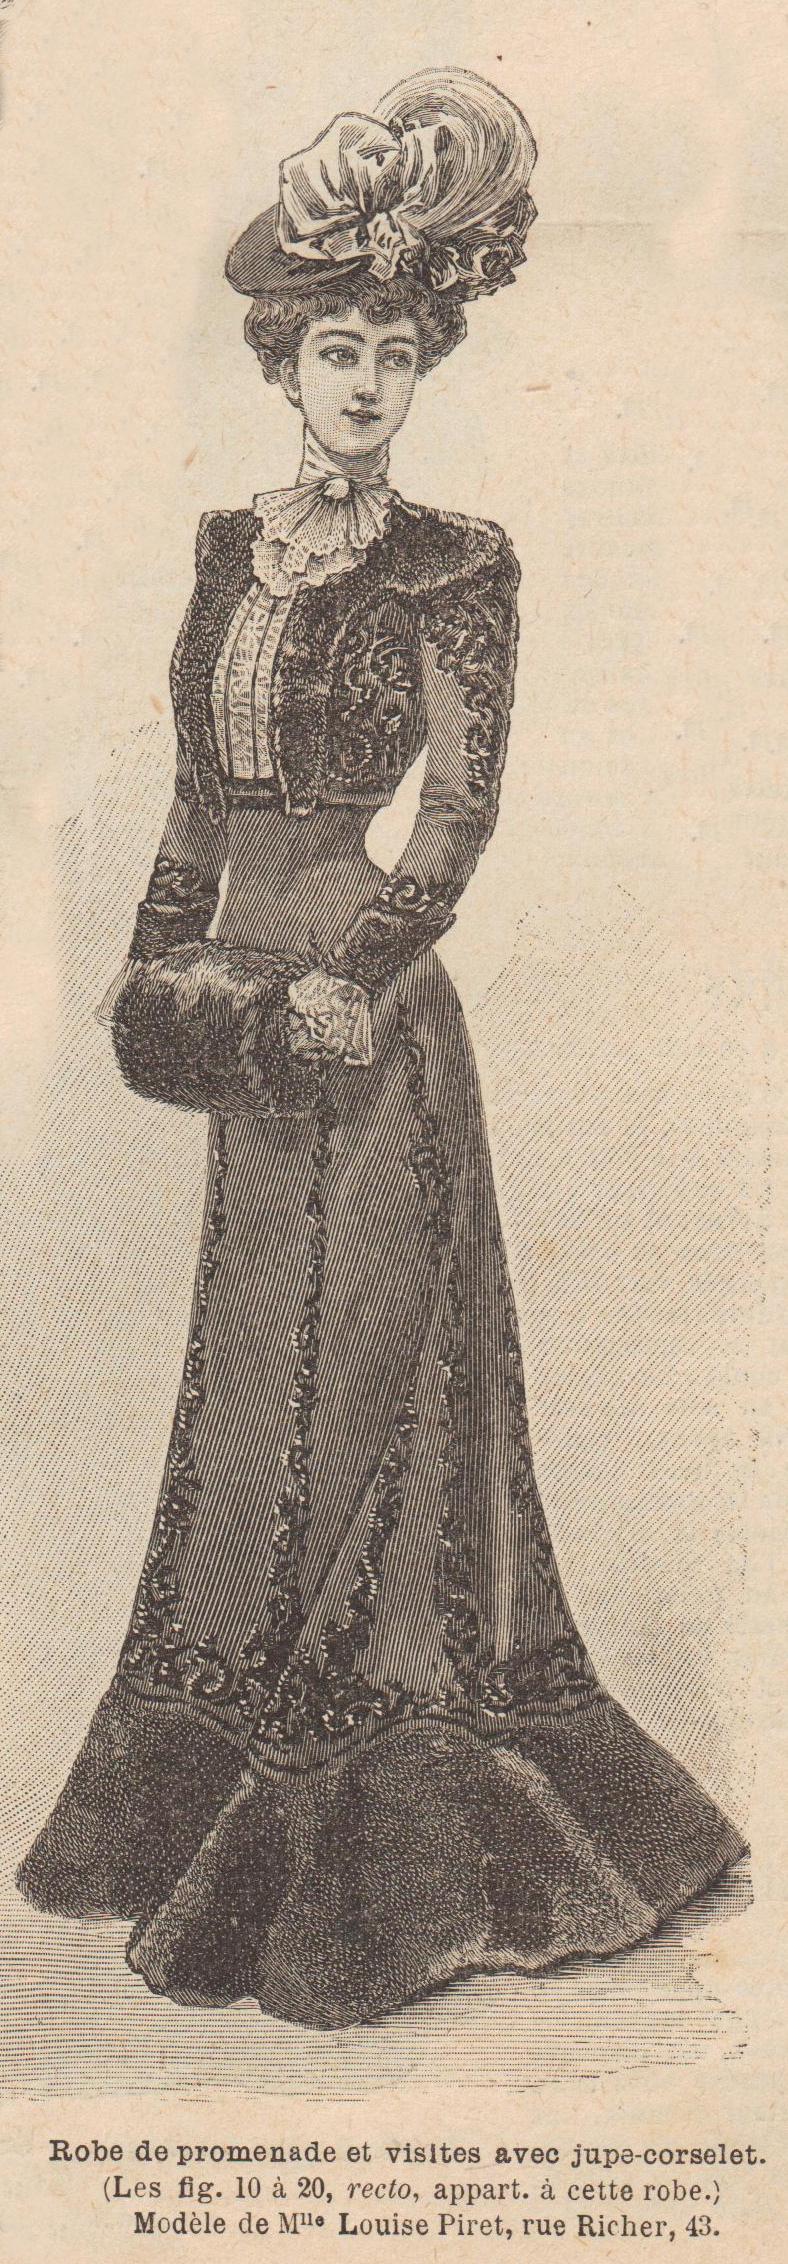 robe de promenade